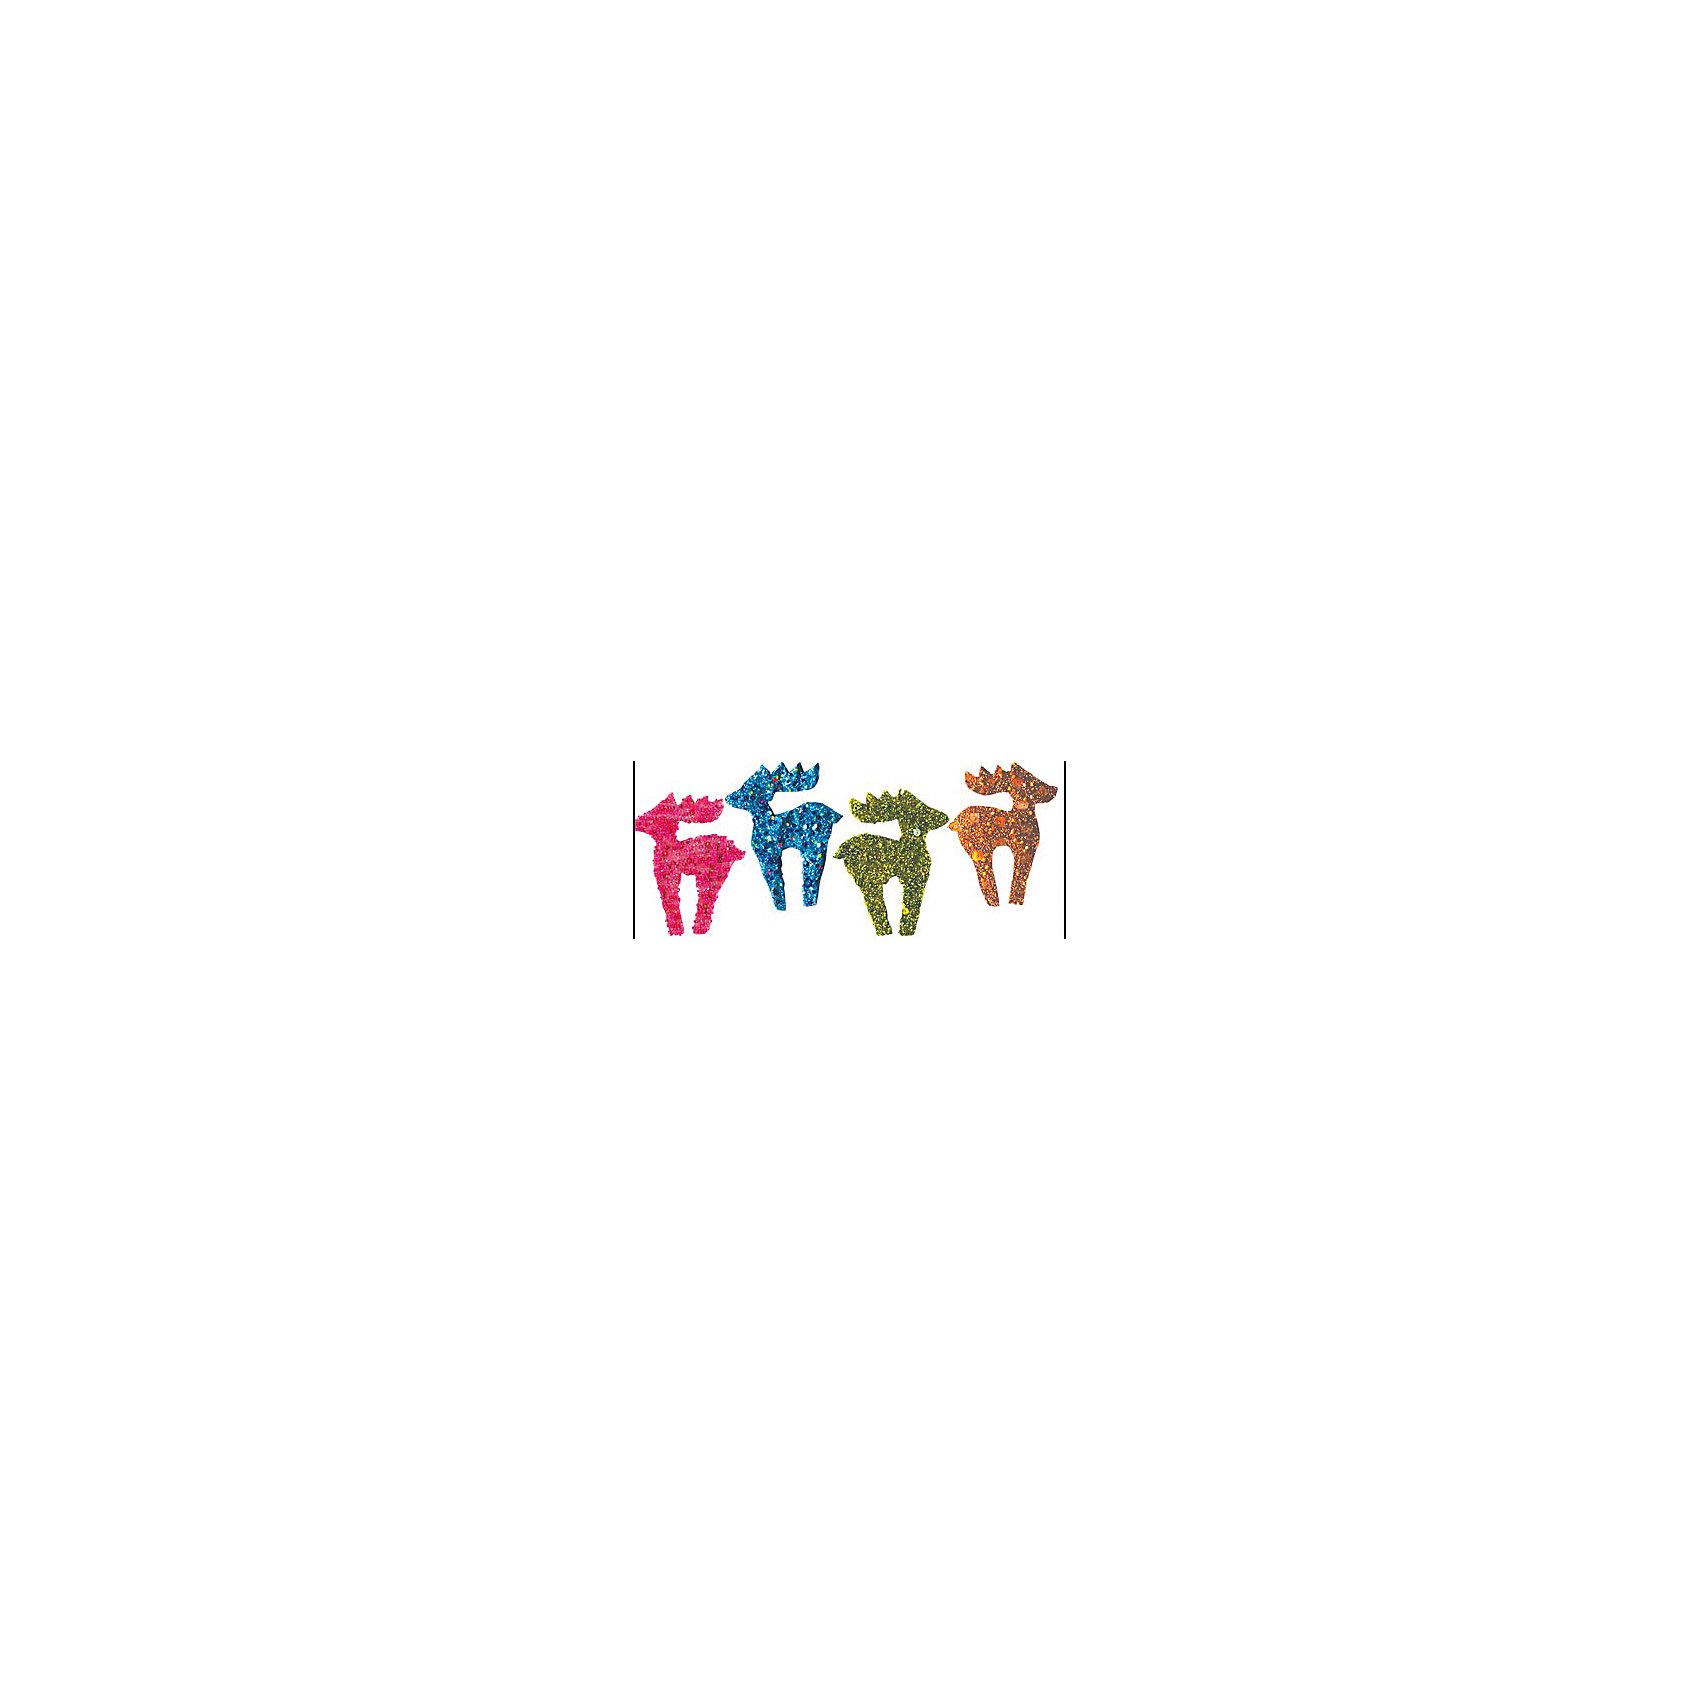 Marko Ferenzo Набор украшений Олененок 11 см, 4 шт карнавальные аксессуары marko ferenzo набор карнавальный лев